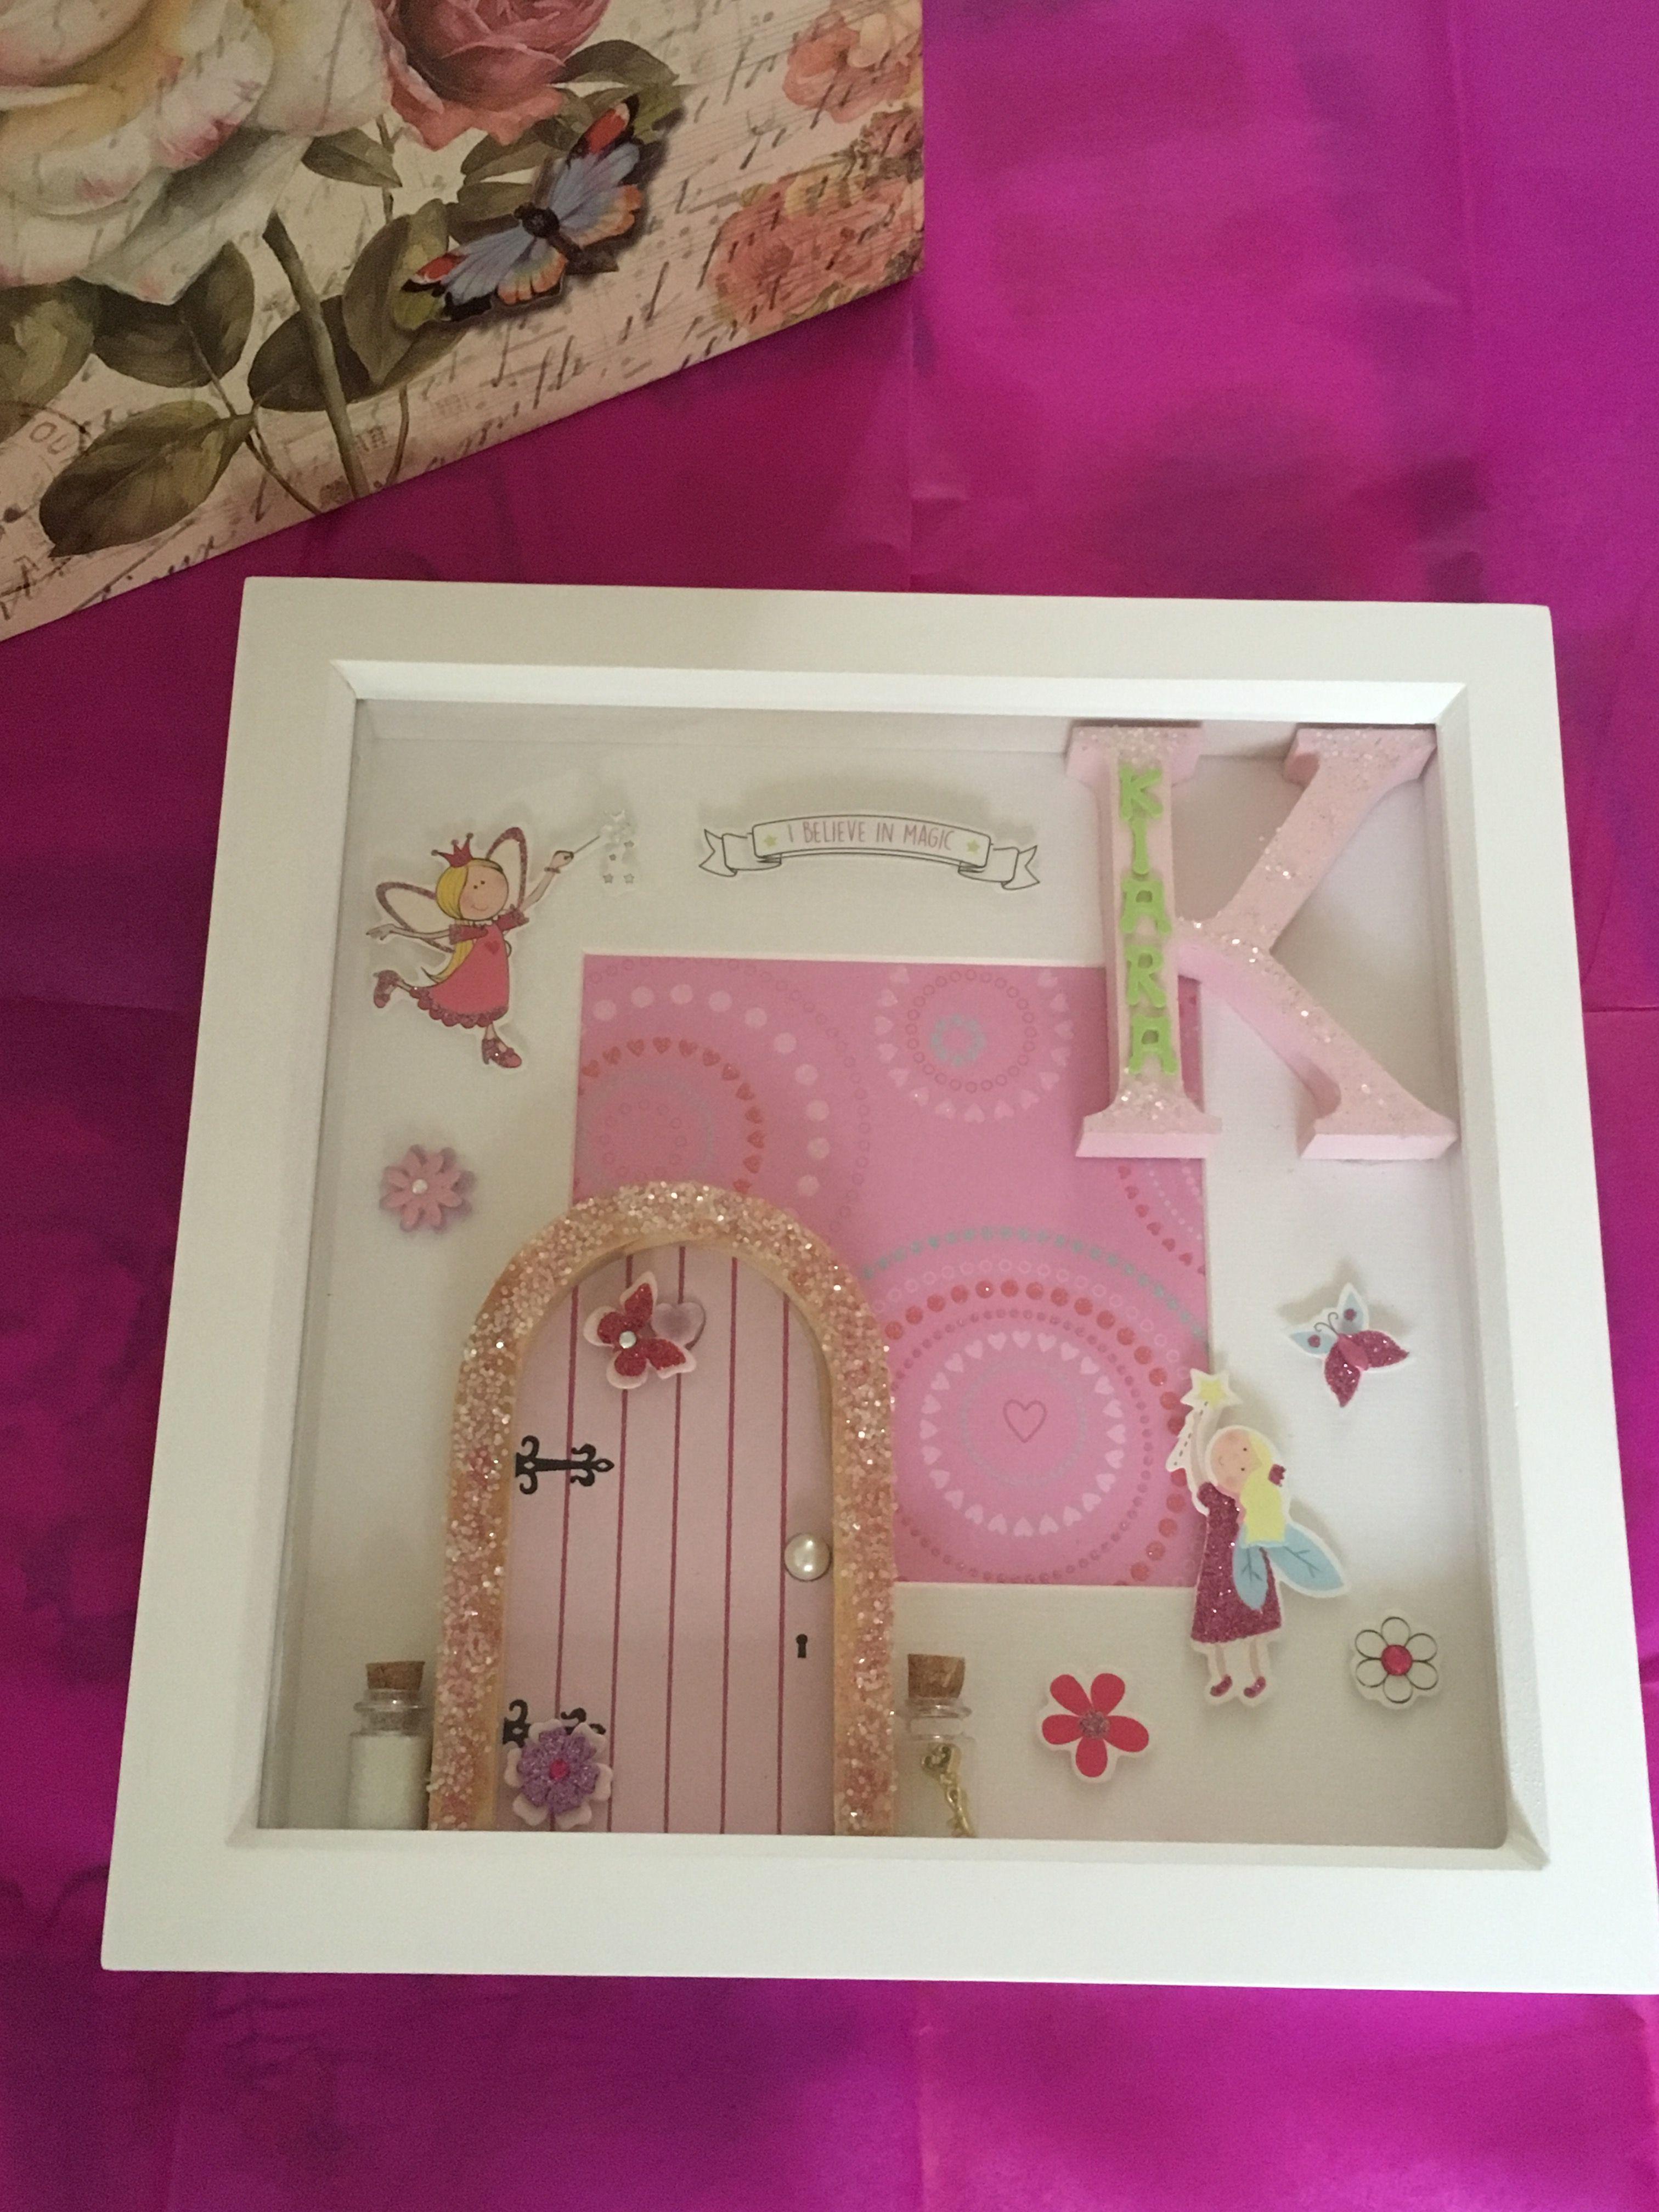 Pin de Nicole Warnes en Diy | Pinterest | Cuadro, Letras decoradas y ...